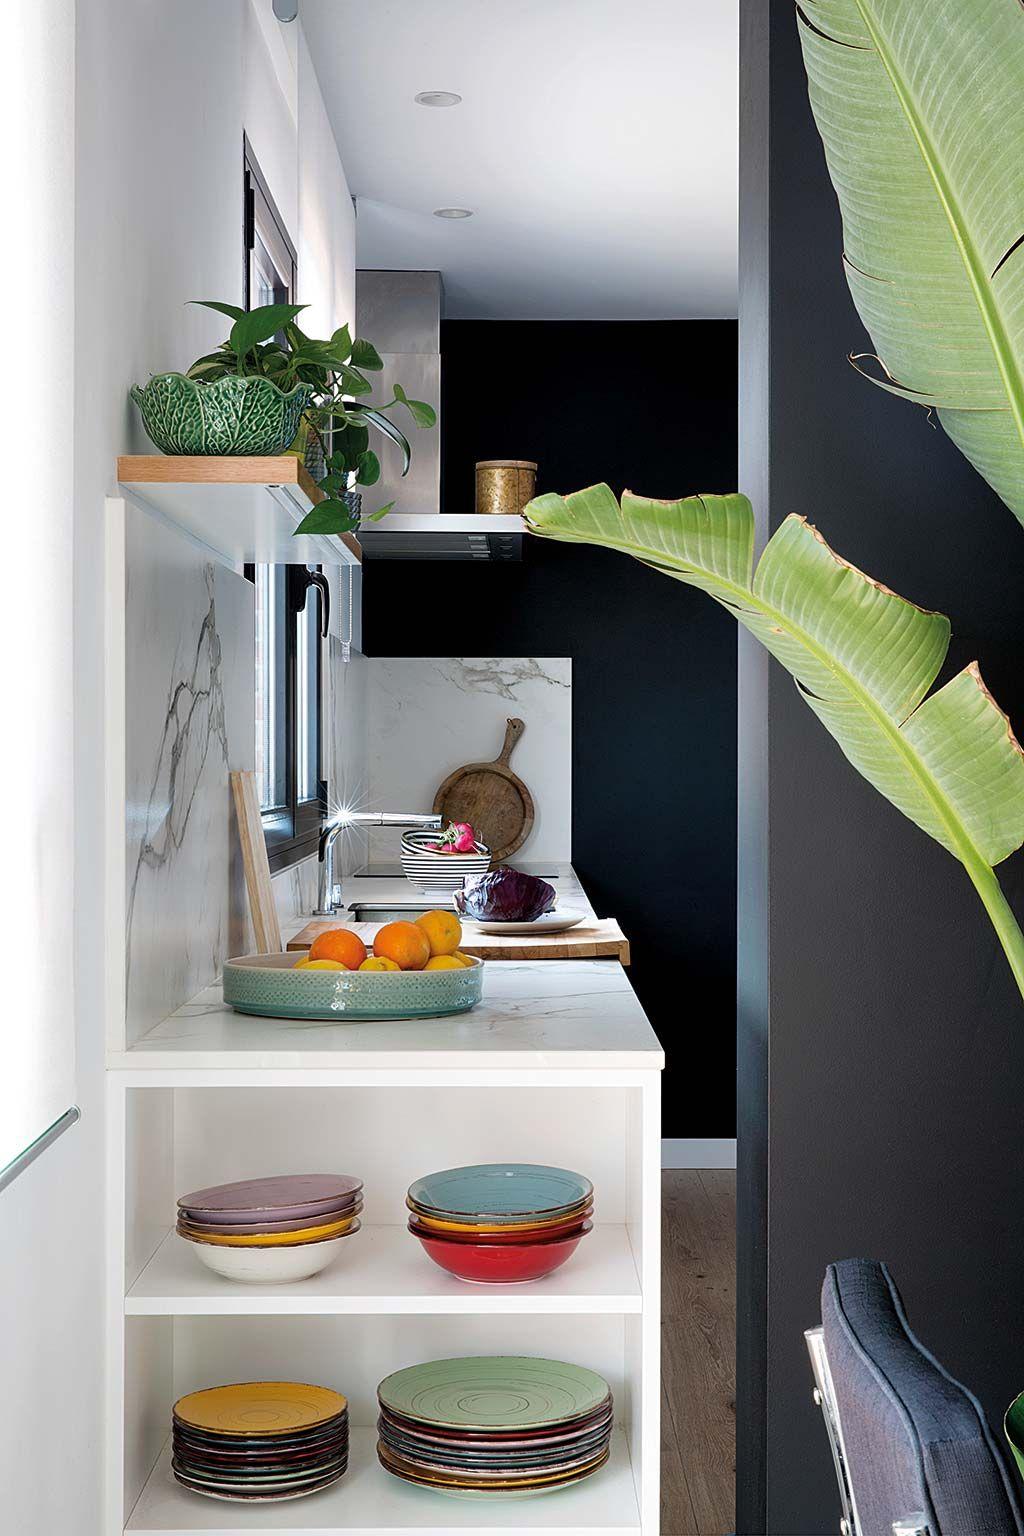 Consejos bsicos para ordenar tu menaje y tener una cocina muy bonita